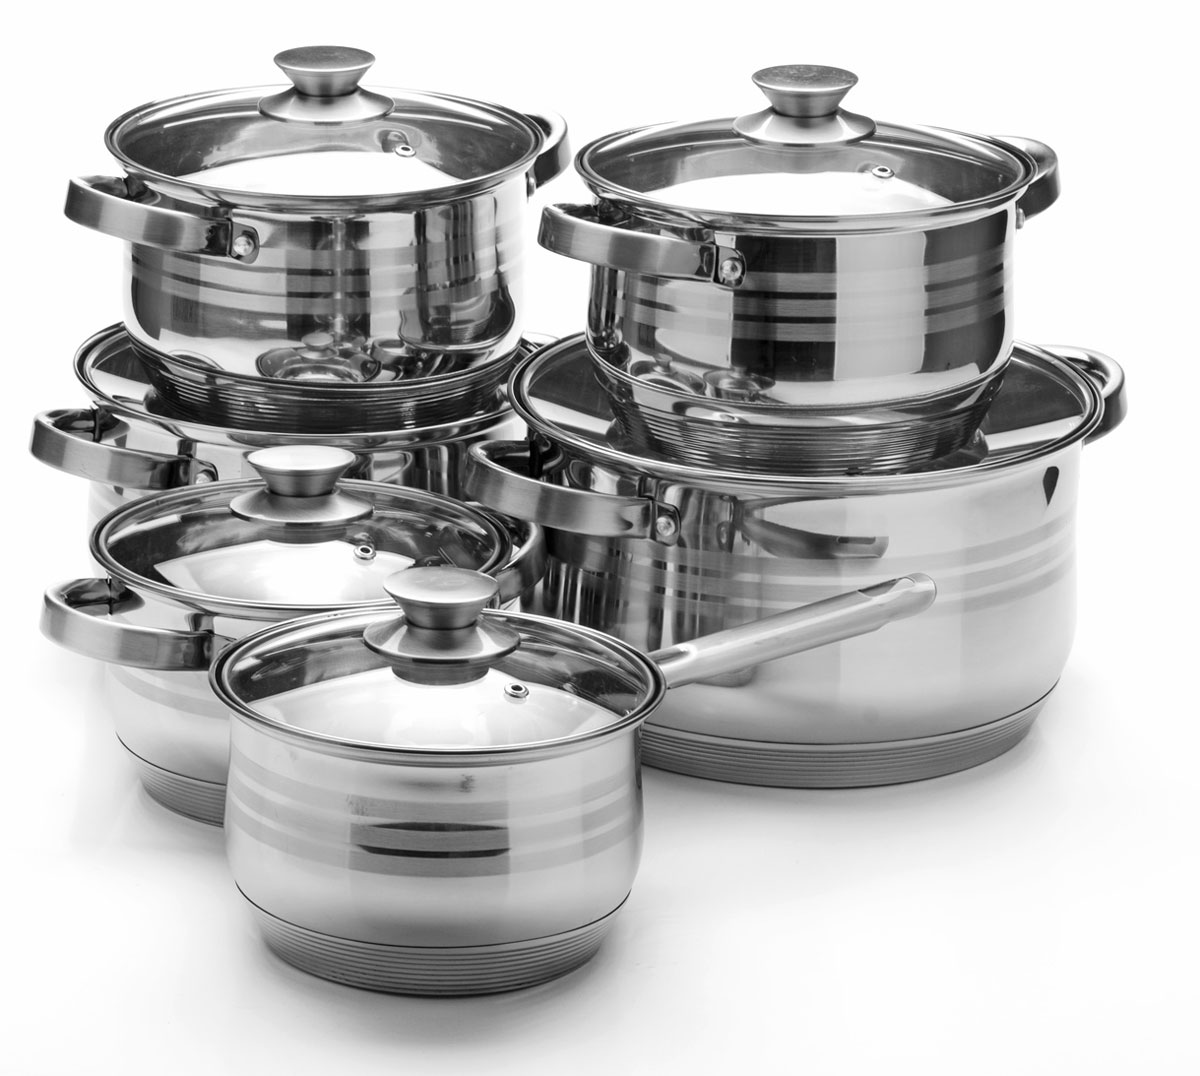 Набор посуды Mayer & Boch, 12 предметов. 2604426044Набор посуды Mayer & Boch состоит из 5 кастрюль с крышками и ковша с крышкой. Посуда выполнена из высококачественной нержавеющей стали с усиленным индукционным дном. Внешняя поверхность посуды с зеркальной полировкой декорирована матовыми полосками. Нержавеющая сталь - это экологически чистый, безопасный для здоровья материал, который не вступает в реакцию с продуктами и не искажает вкус приготовленных блюд. Изделия снабжены крышками из термостойкого стекла с отверстием для выхода пара и металлическим ободом, а также удобными стальными ручками, что придает посуде роскошный внешний вид. Многослойное дно обеспечит быстрый нагрев продуктов и надолго сохранит тепло. Посуда подходит для использования на газовых, электрических, стеклокерамических и галогеновых плитах, кроме индукционных. Подходит для мытья в посудомоечной машине.Диаметр кастрюль (по верхнему краю): 16 см; 18 см; 18 см; 24 см; 26 см.Высота стенки кастрюль: 10,5 см; 11,5 см; 11,5 см; 14,5 см; 15 см.Объем кастрюль: 2,1 л; 2,9 л; 2,9 л; 6,6 л; 8 л.Ширина кастрюль (с учетом ручек): 24 см; 26 см; 26 см; 34 см; 35,5 см. Диаметр дна кастрюль: 13,5 см; 15,5 см; 15,5 см; 21 см; 23,5 см. Объем ковша: 2,1 л. Диаметр ковша (по верхнему краю): 16 см. Высота стенки ковша: 10,5 см. Диаметр дна ковша: 13,5 см. Длина ручки ковша: 16 см.